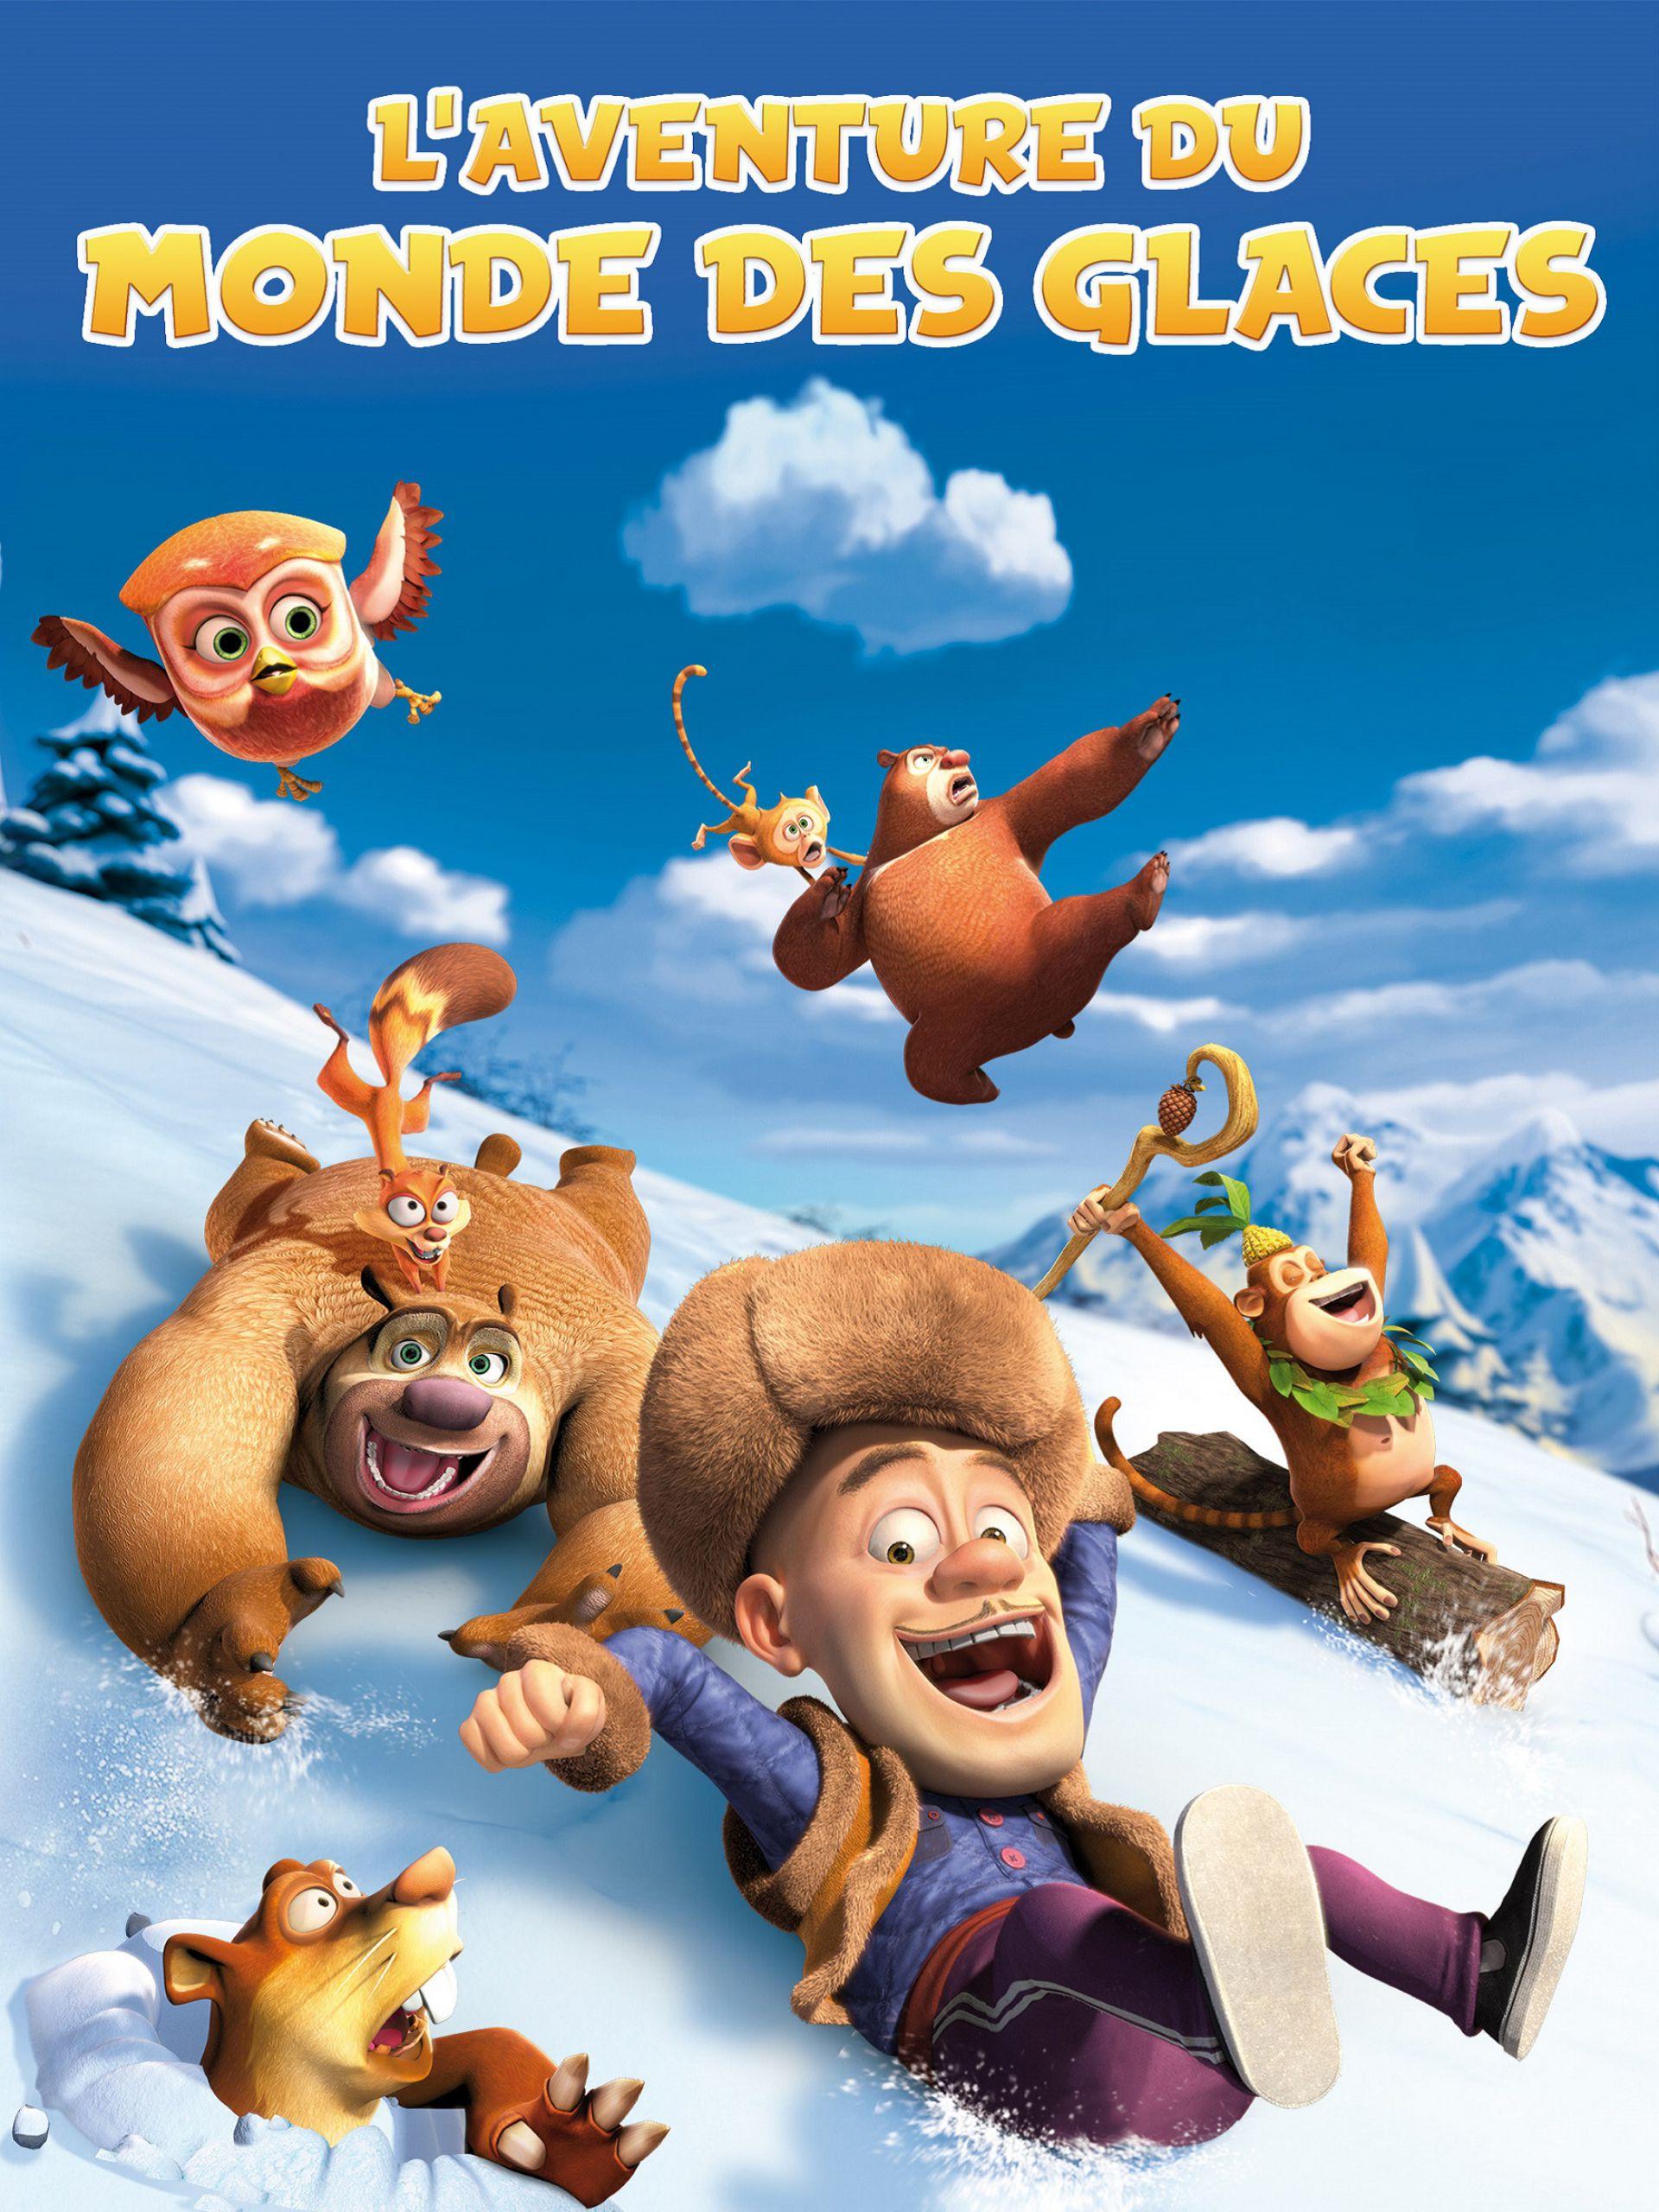 L'Aventure du Monde des glaces - Long-métrage d'animation (2015)